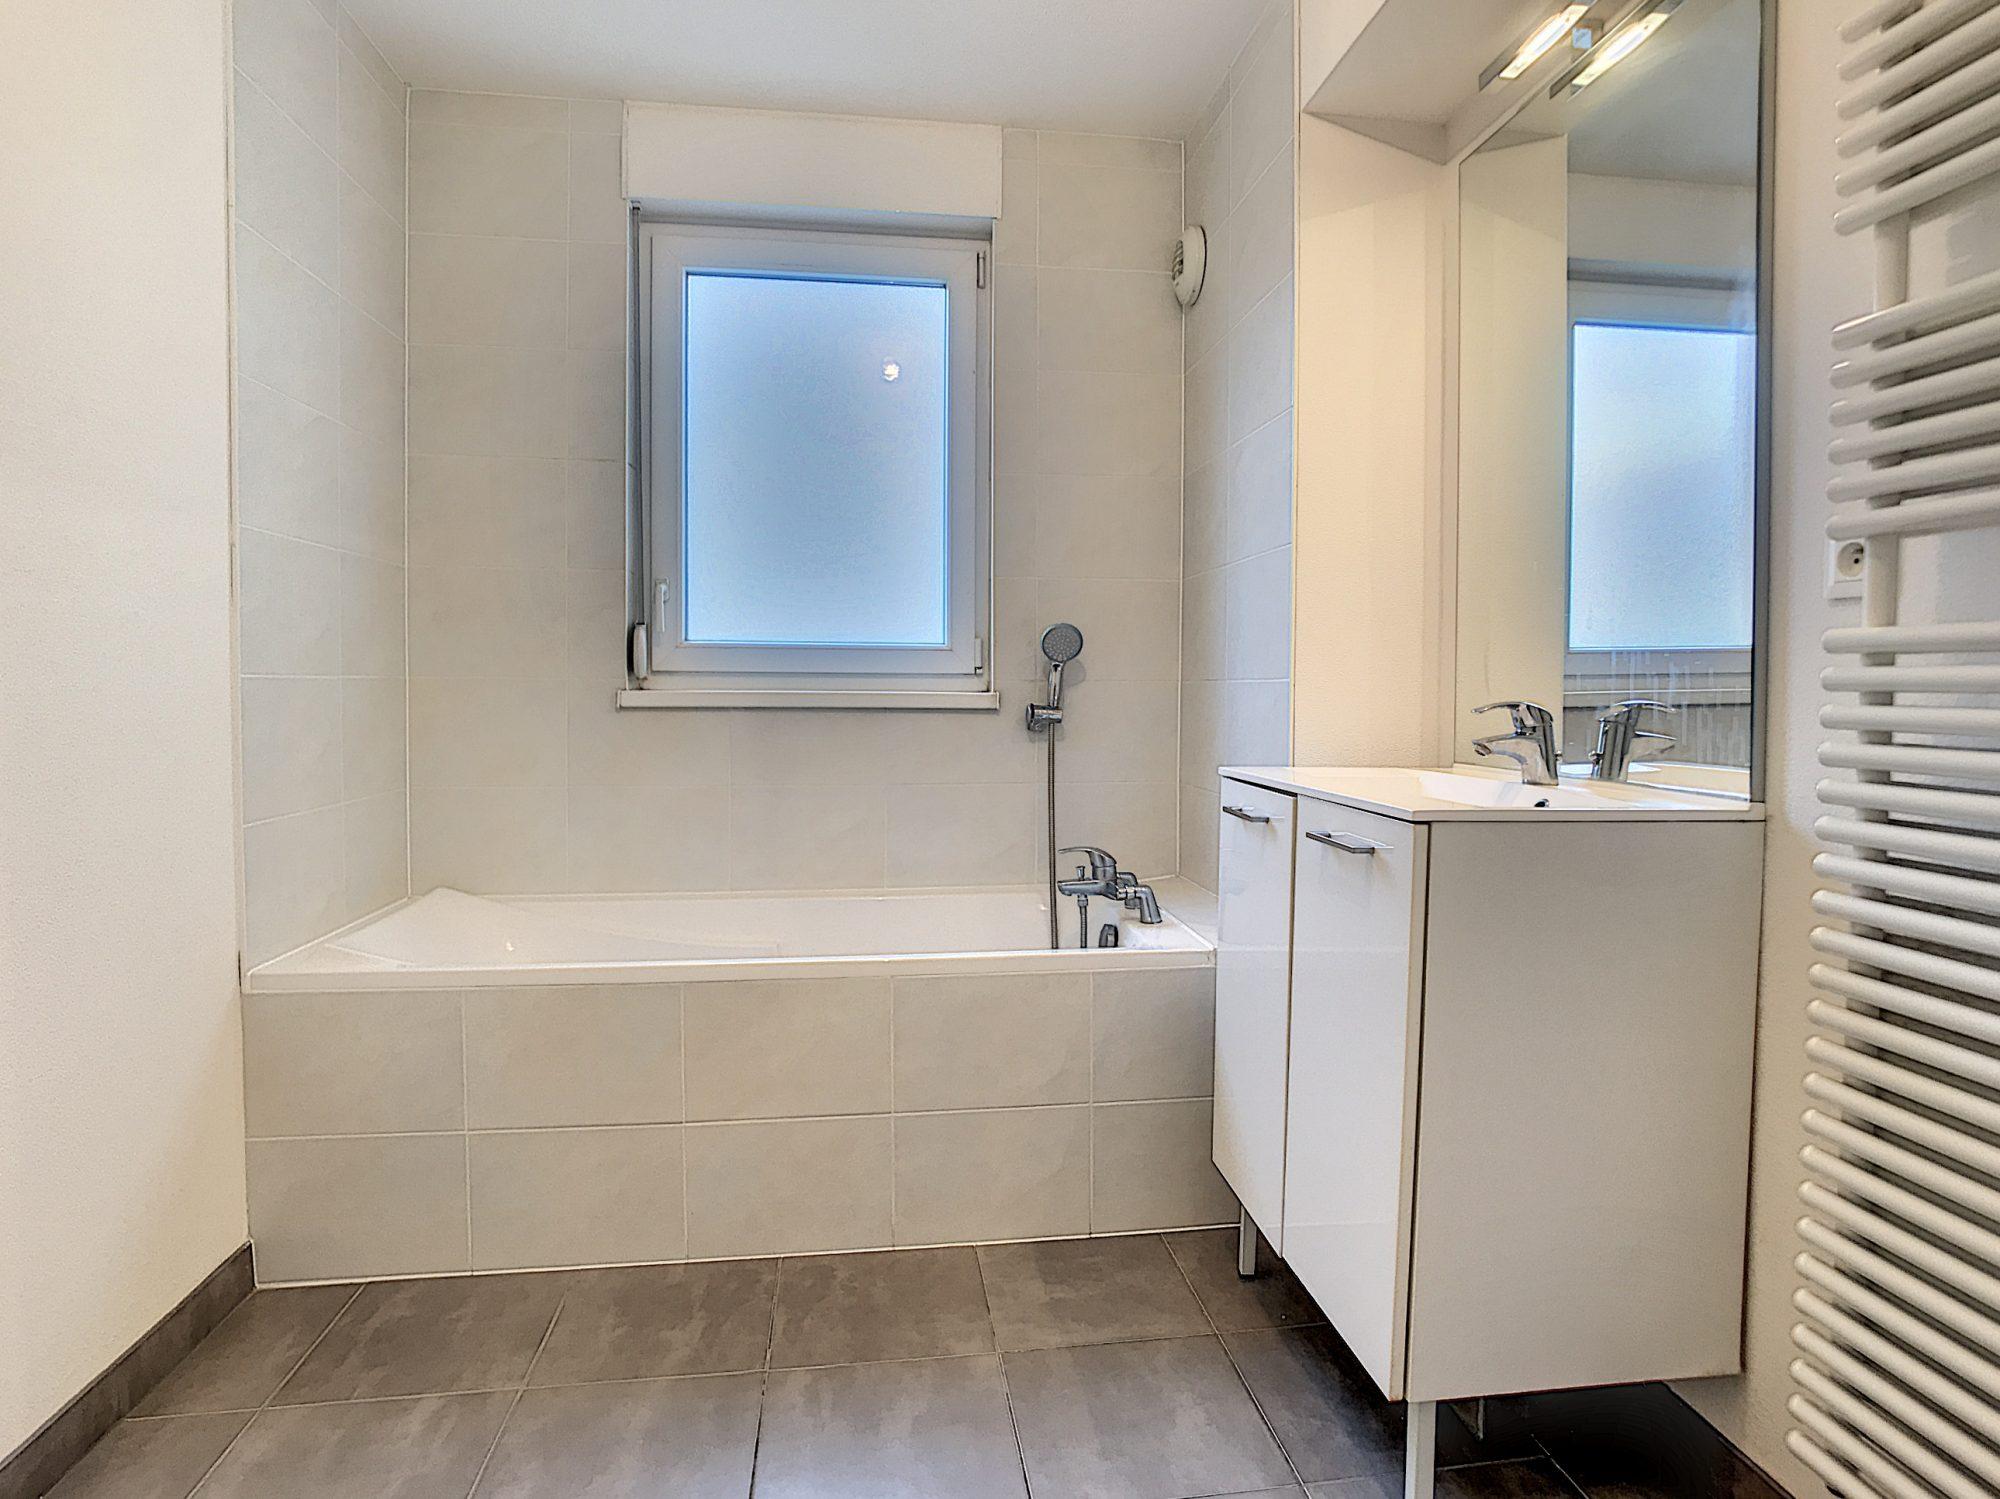 3 Pièces SCHILTIGHEIM + Terrasse - Devenez locataire en toute sérénité - Bintz Immobilier - 8